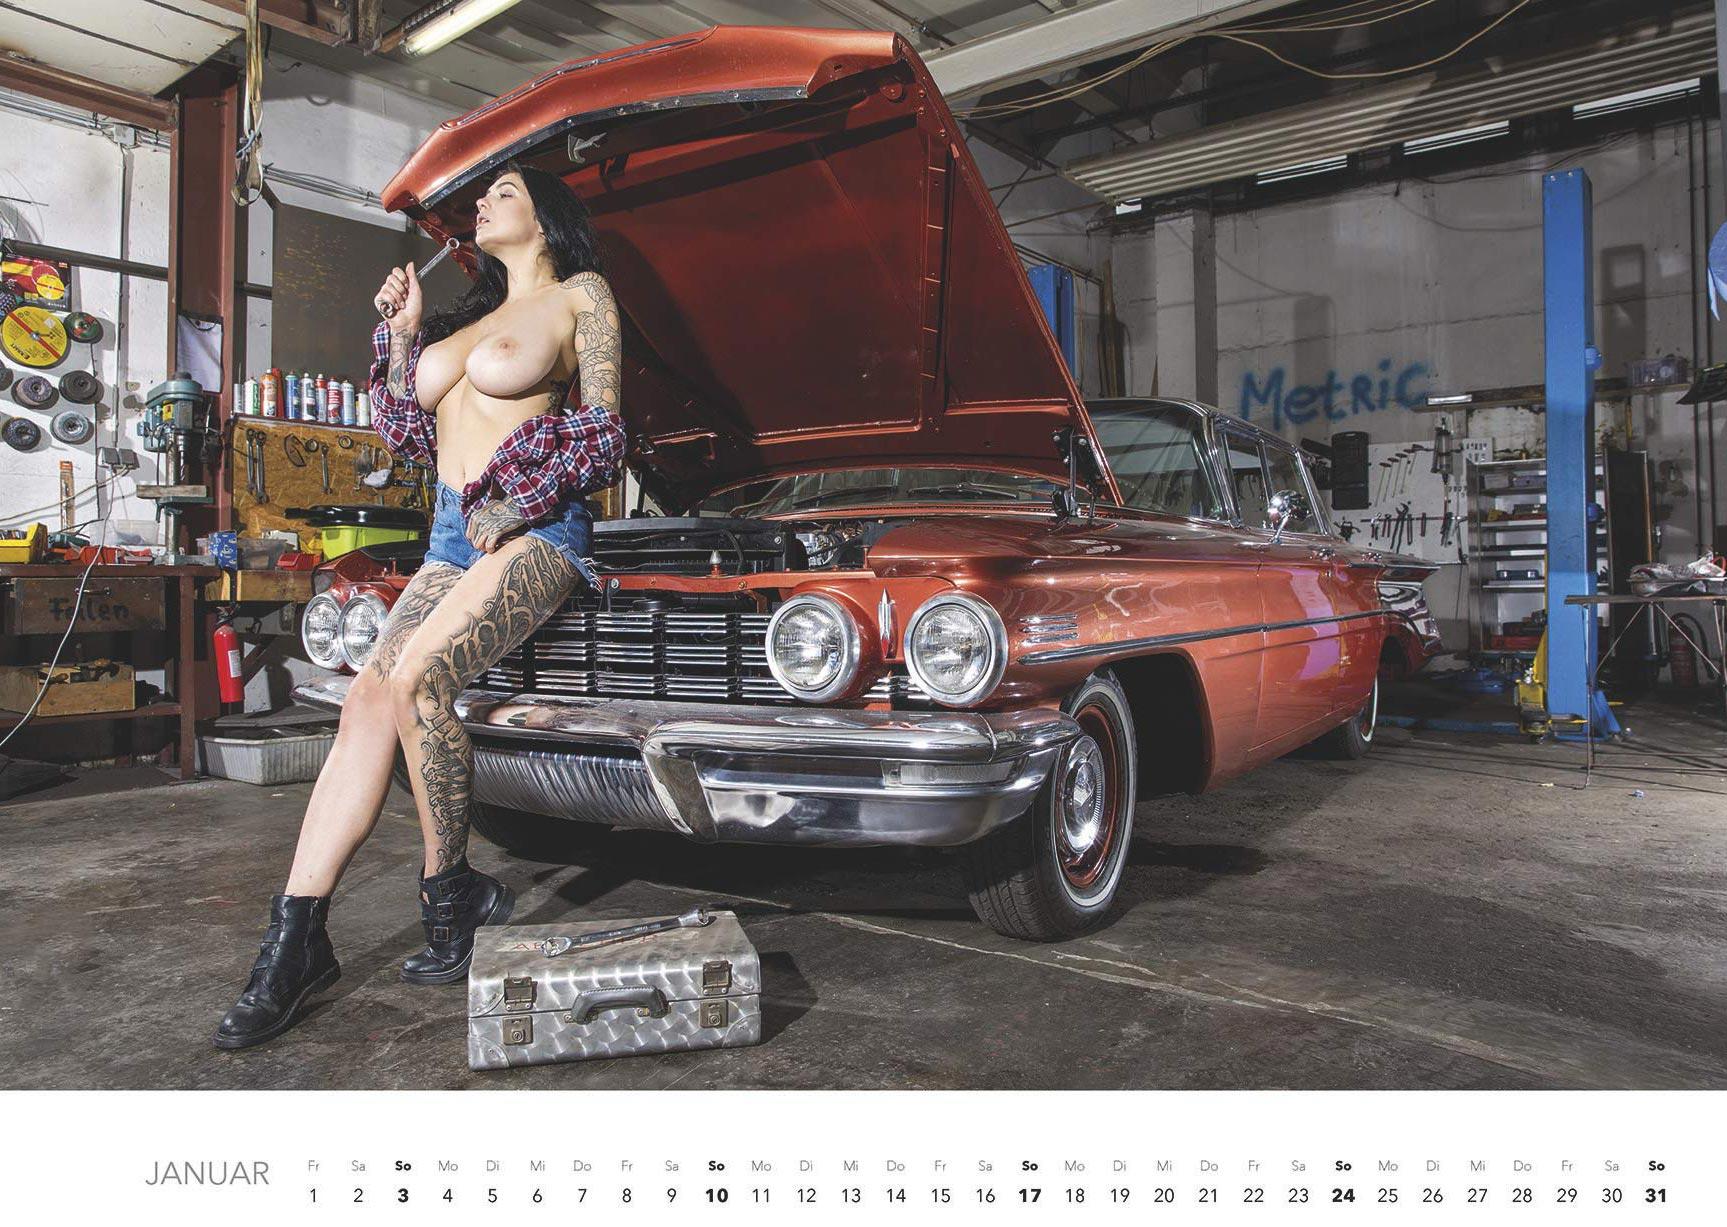 Эротический авто-календарь -Отвертка мечты 2021- / январь